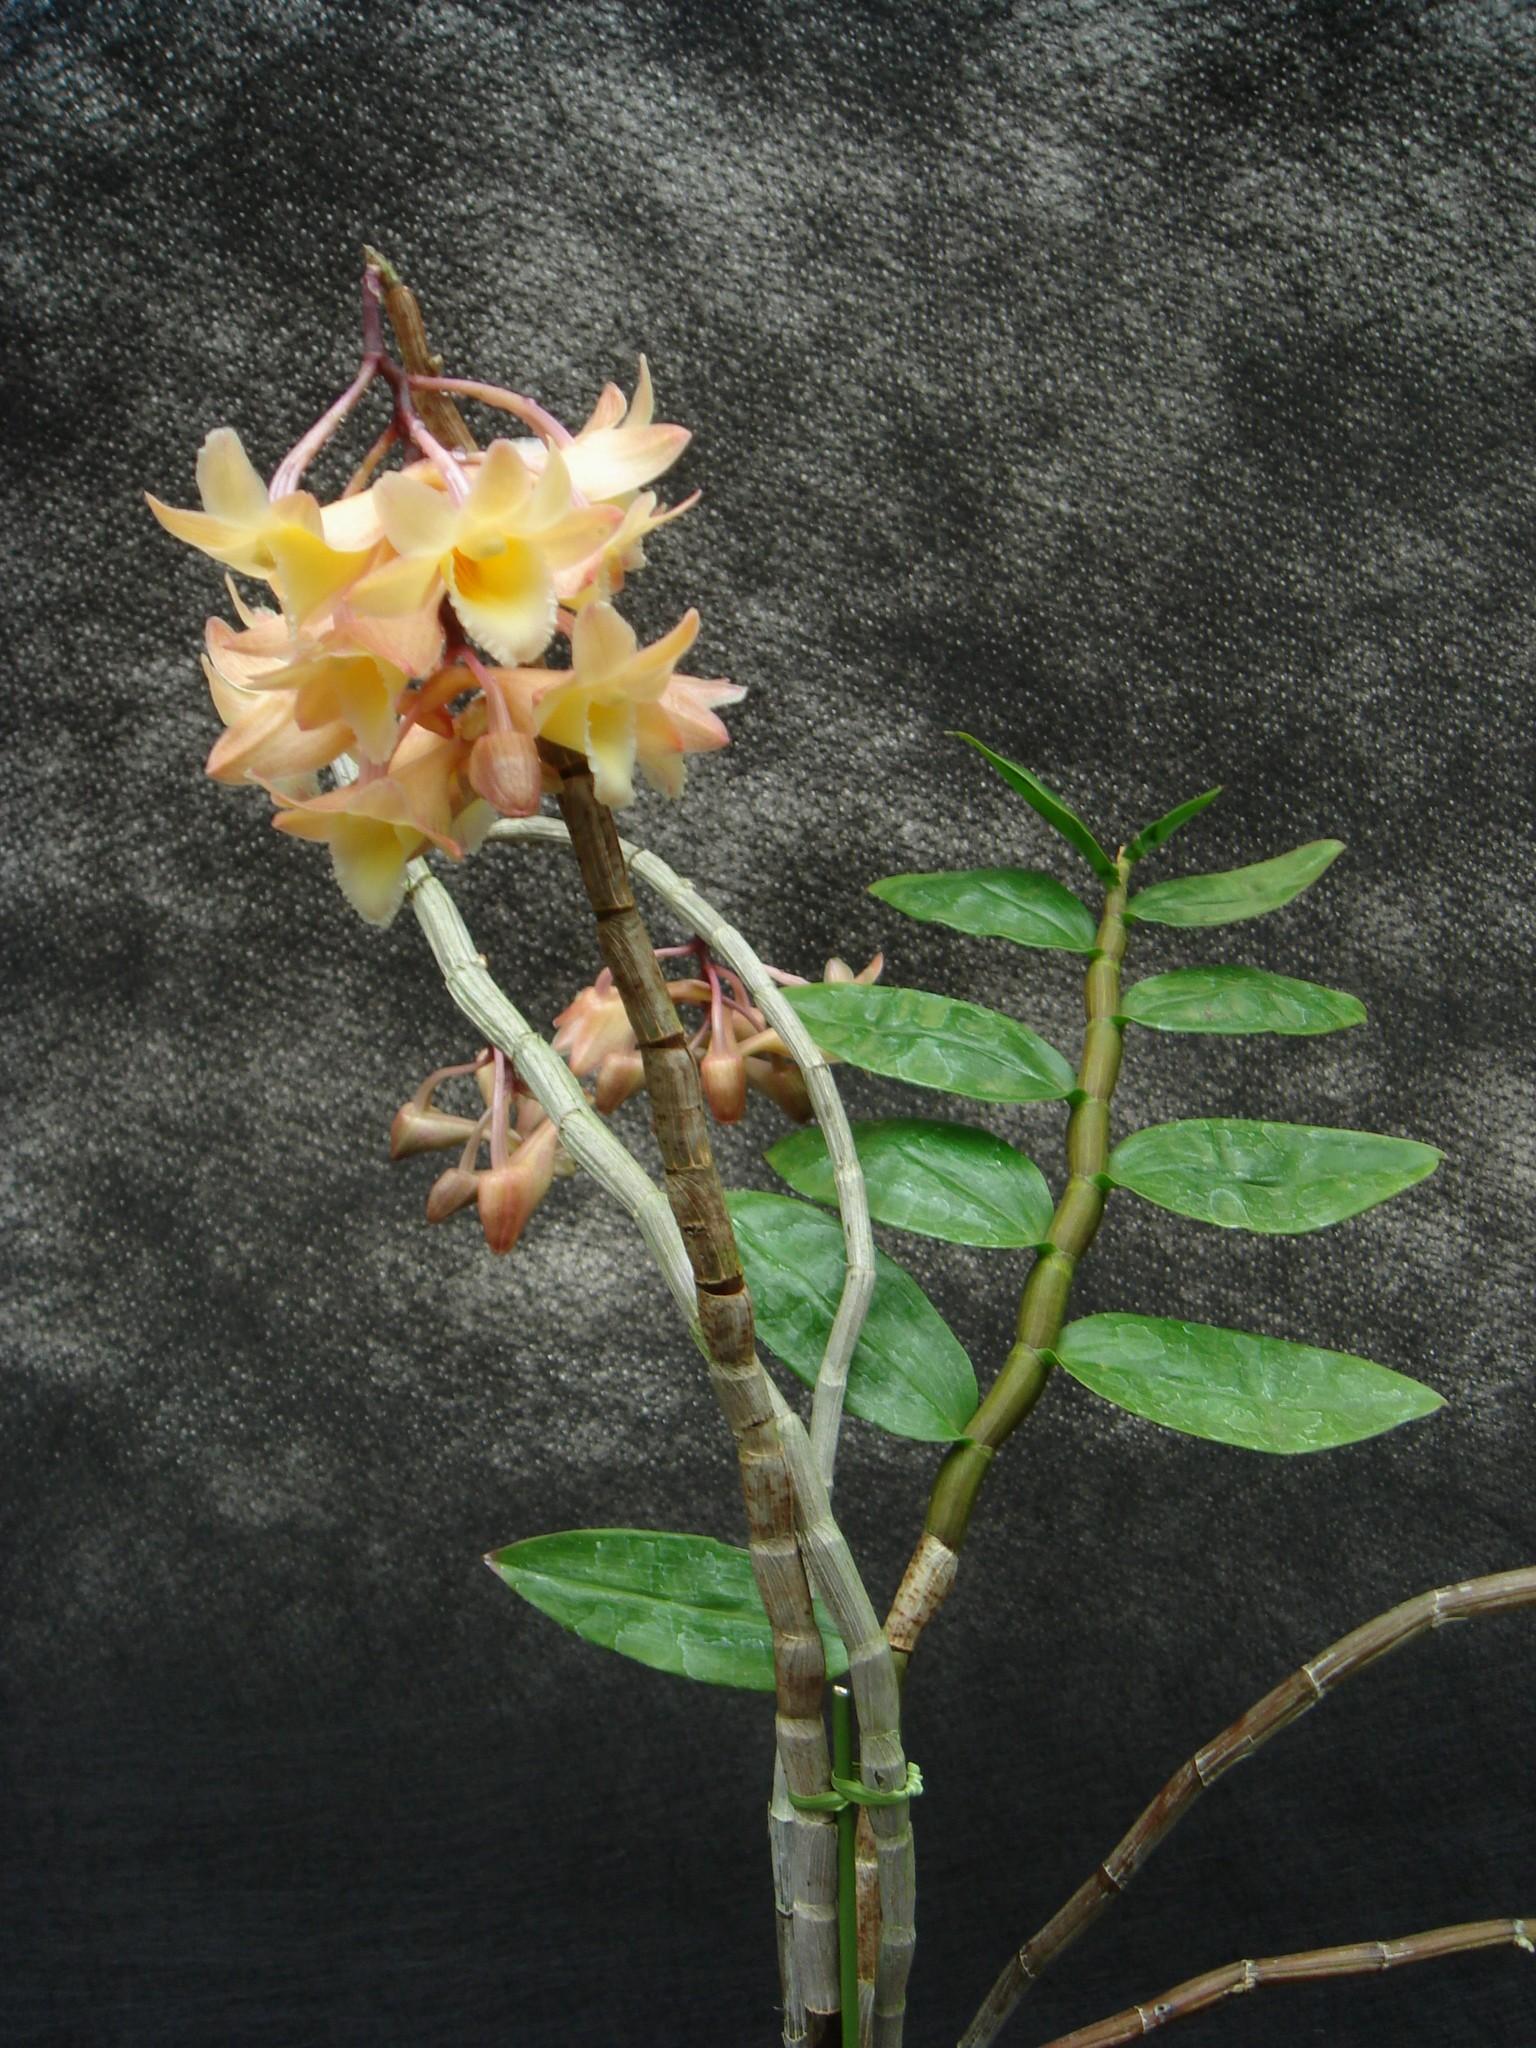 http://orchids.la.coocan.jp/Dendrobium/Dendrobium%20lampongense/DSC00974.JPG